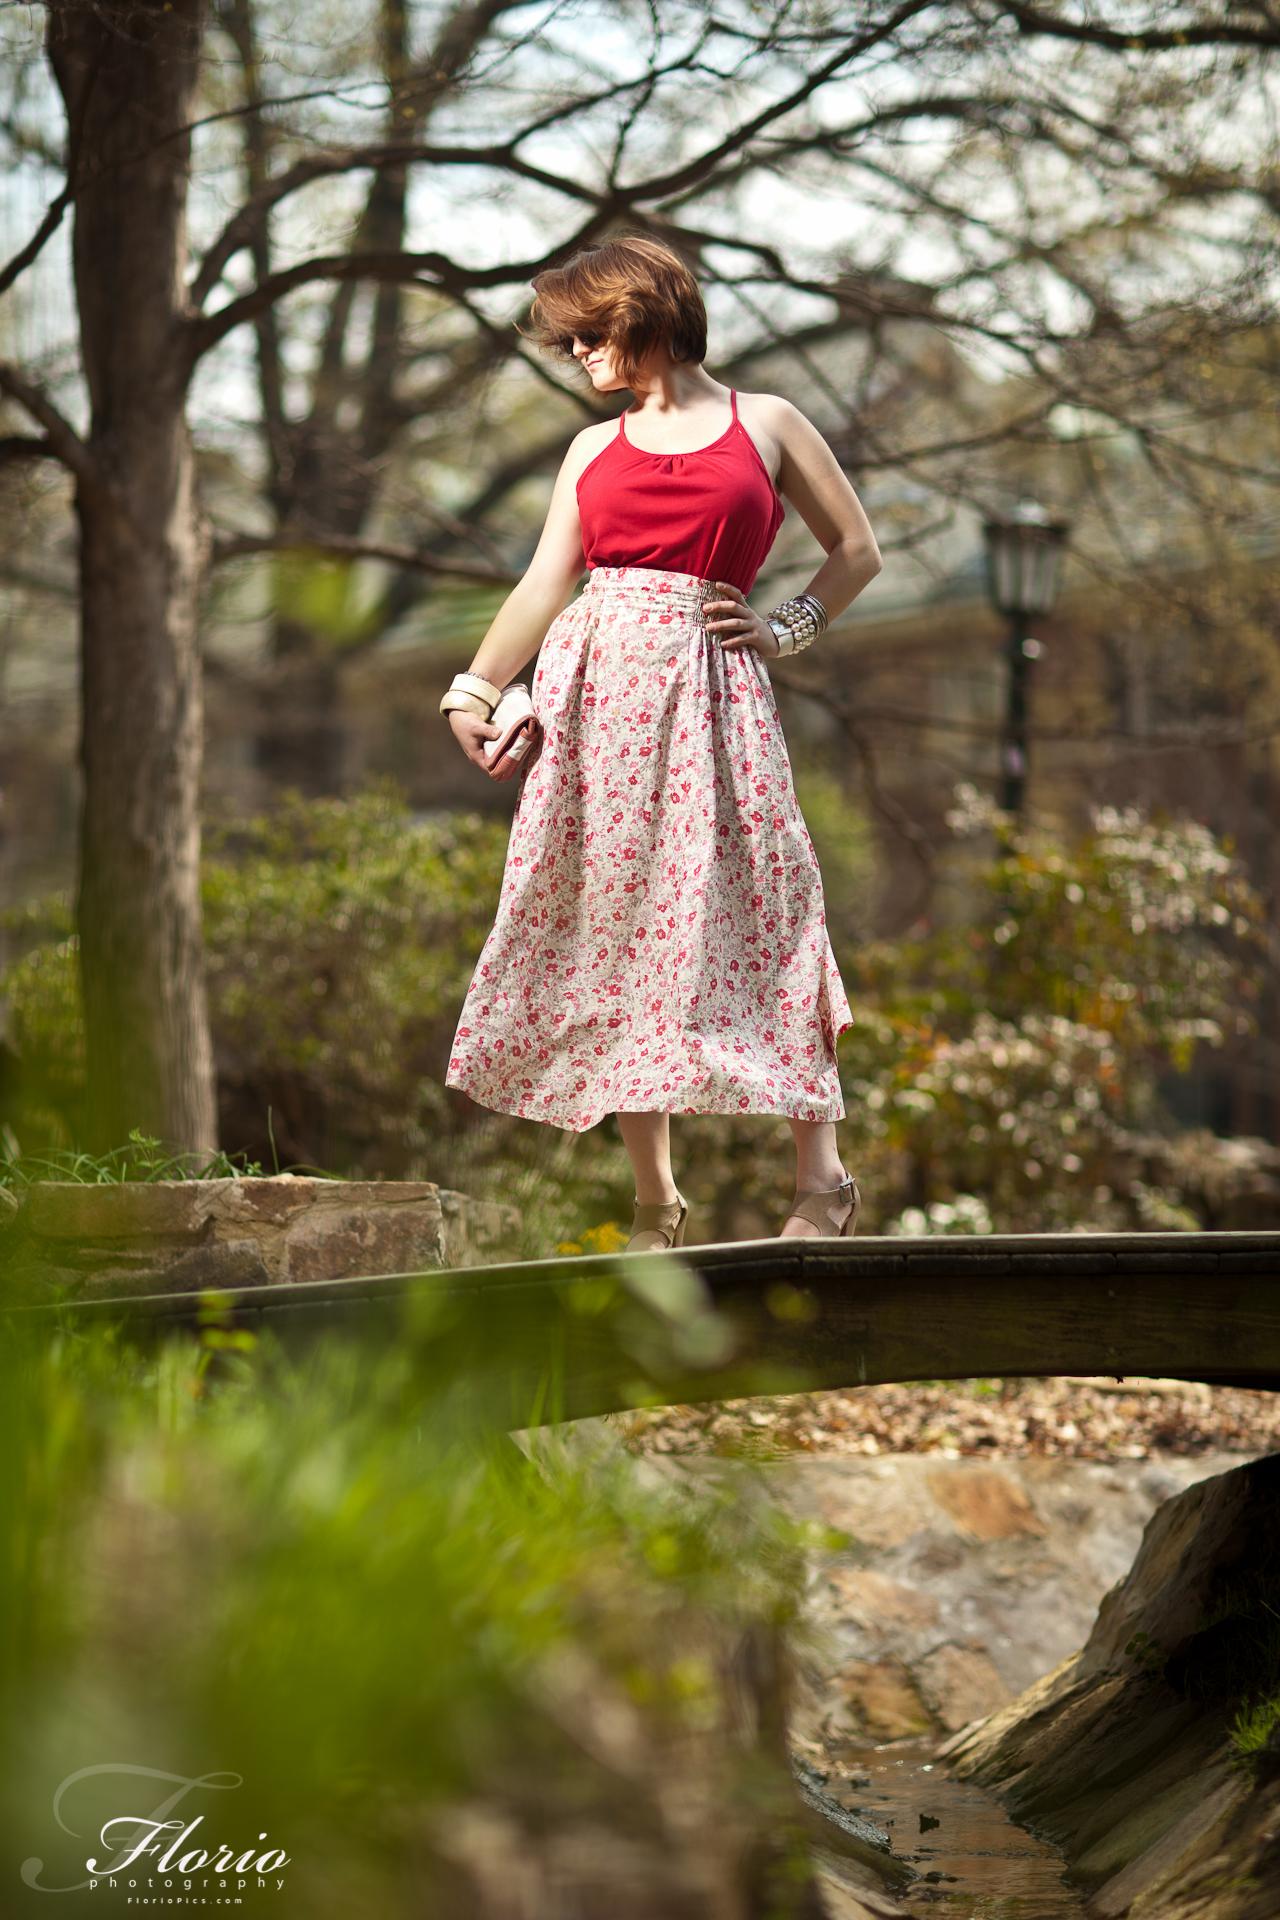 Carmen fashion raleigh nc 27